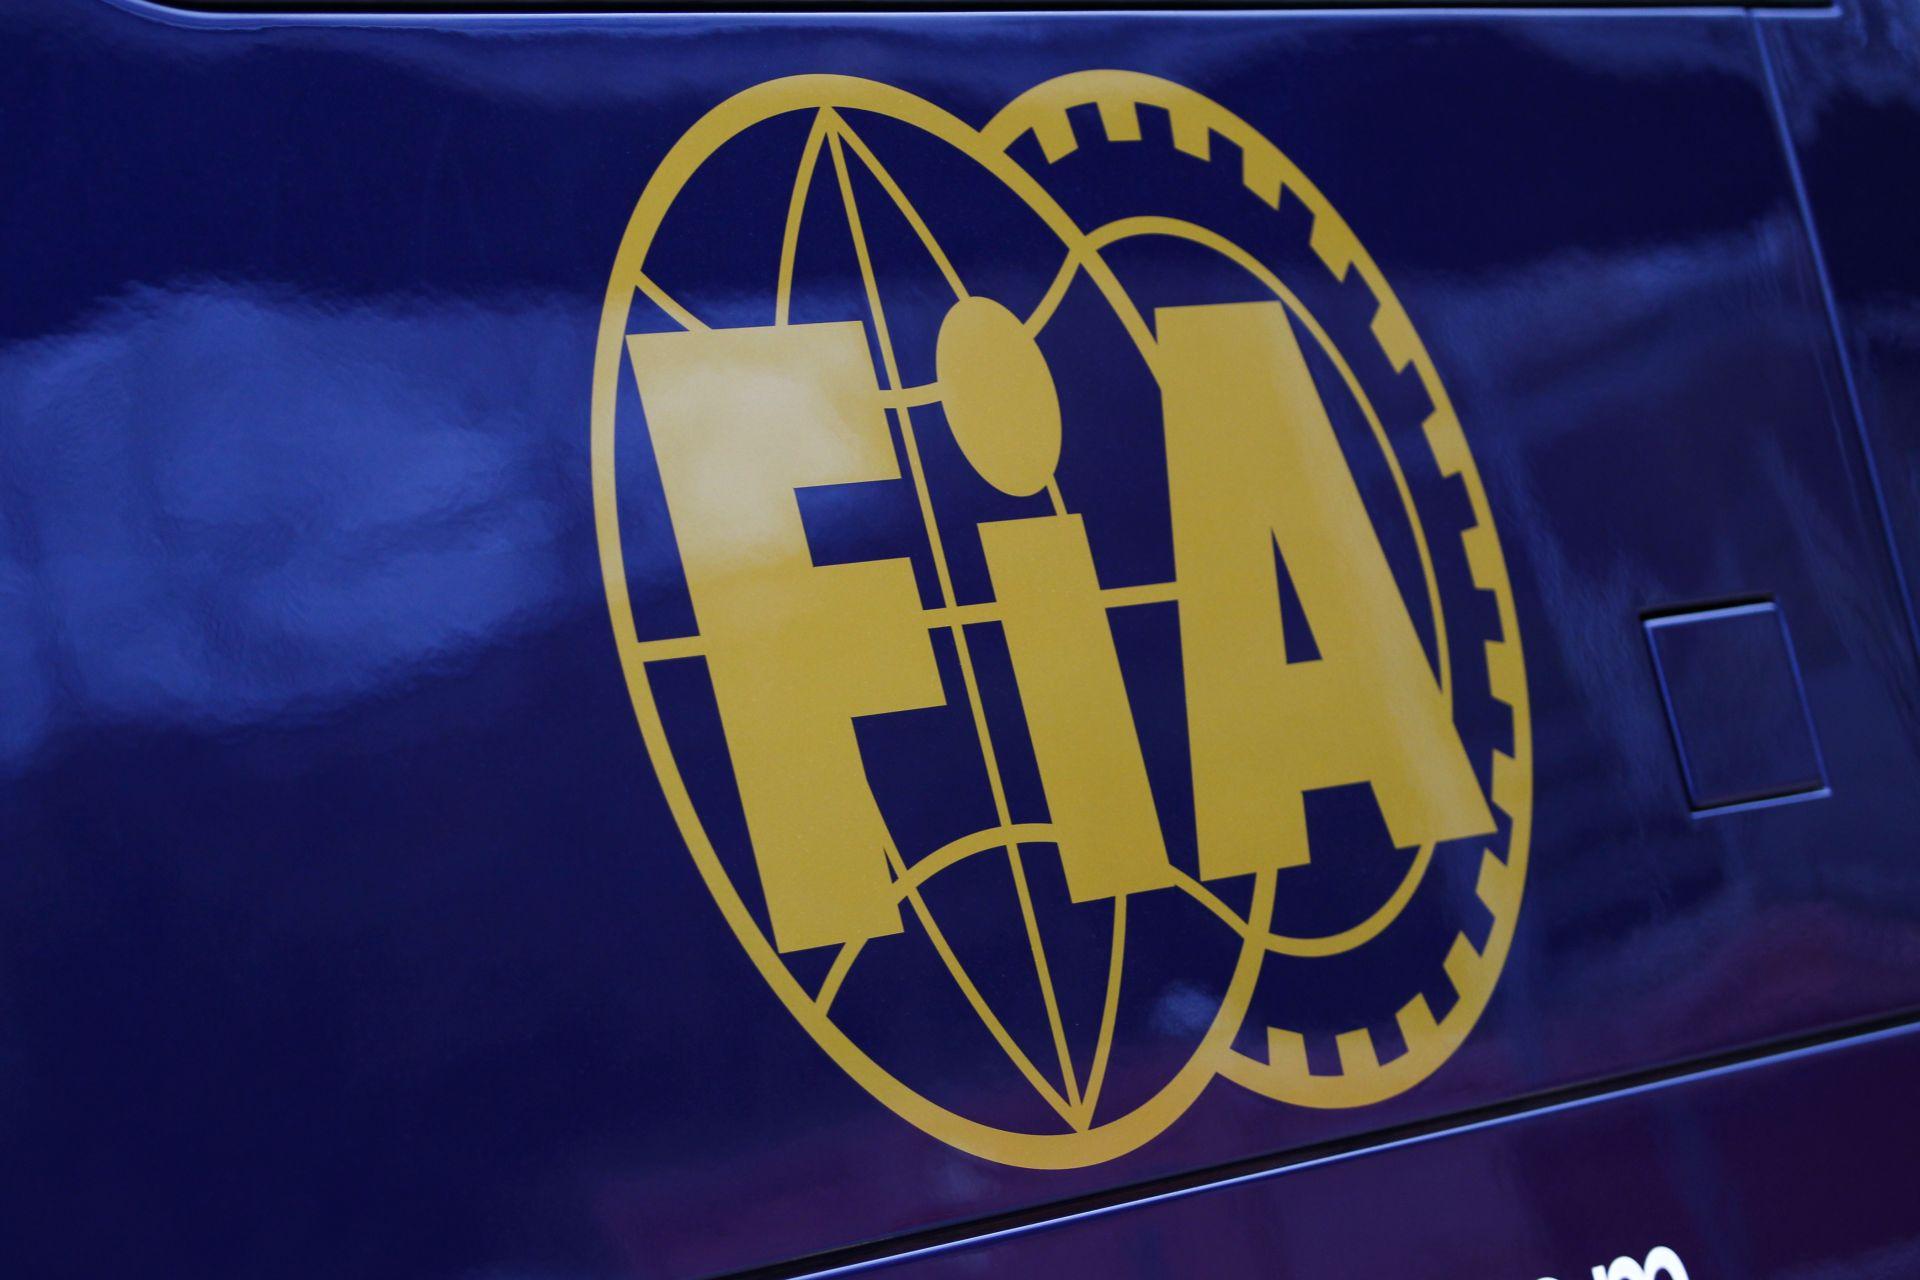 Belejött az FIA: Magnussen és Bianchi is 2 büntetőpontot kapott